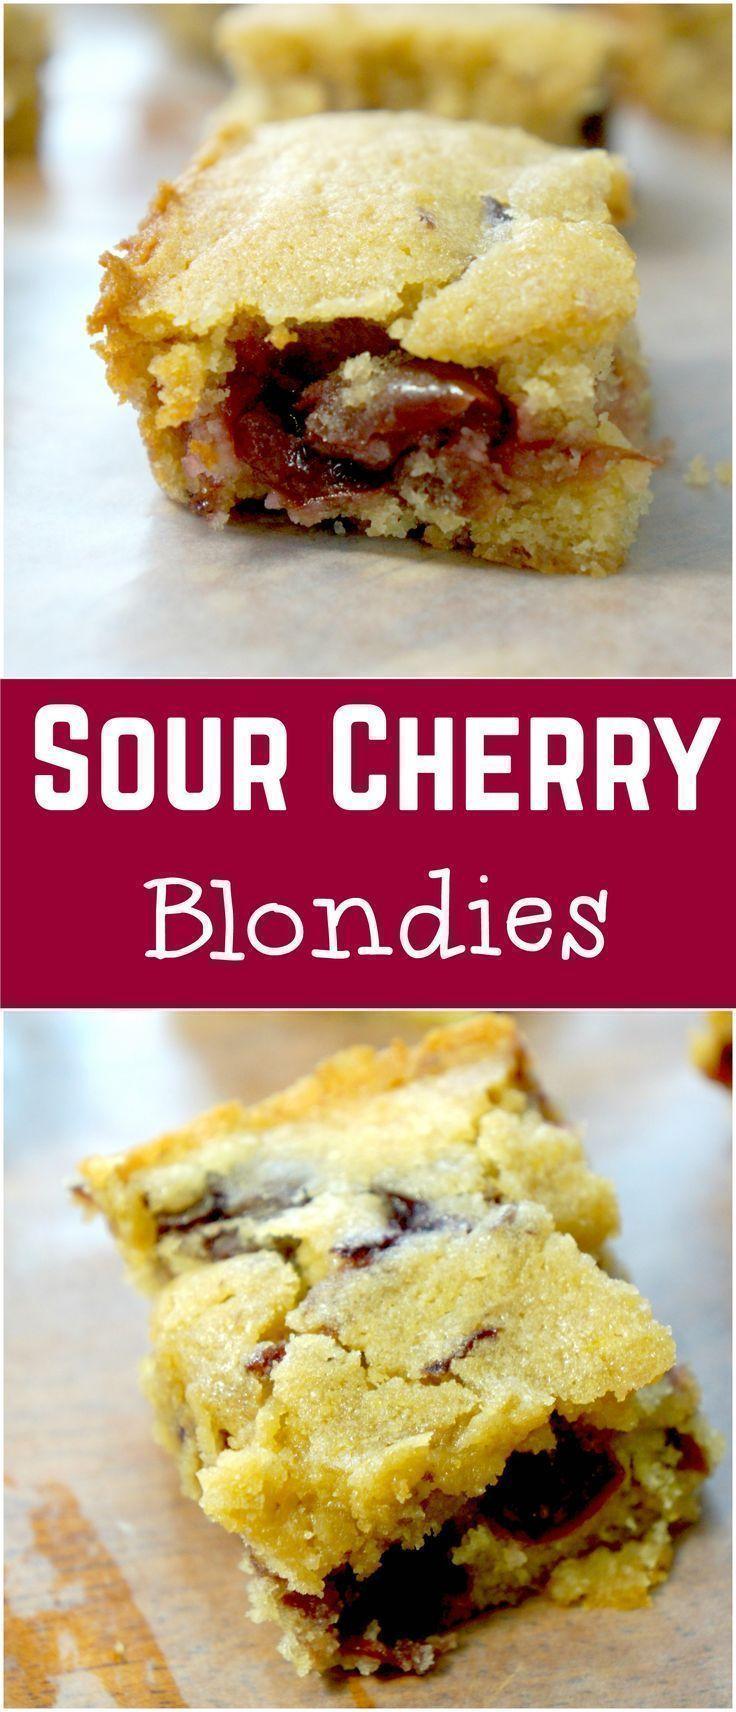 Blondie Recipe Sour Cherry Blondies Easy Dessert Recipe Cherry Recipes Dessert